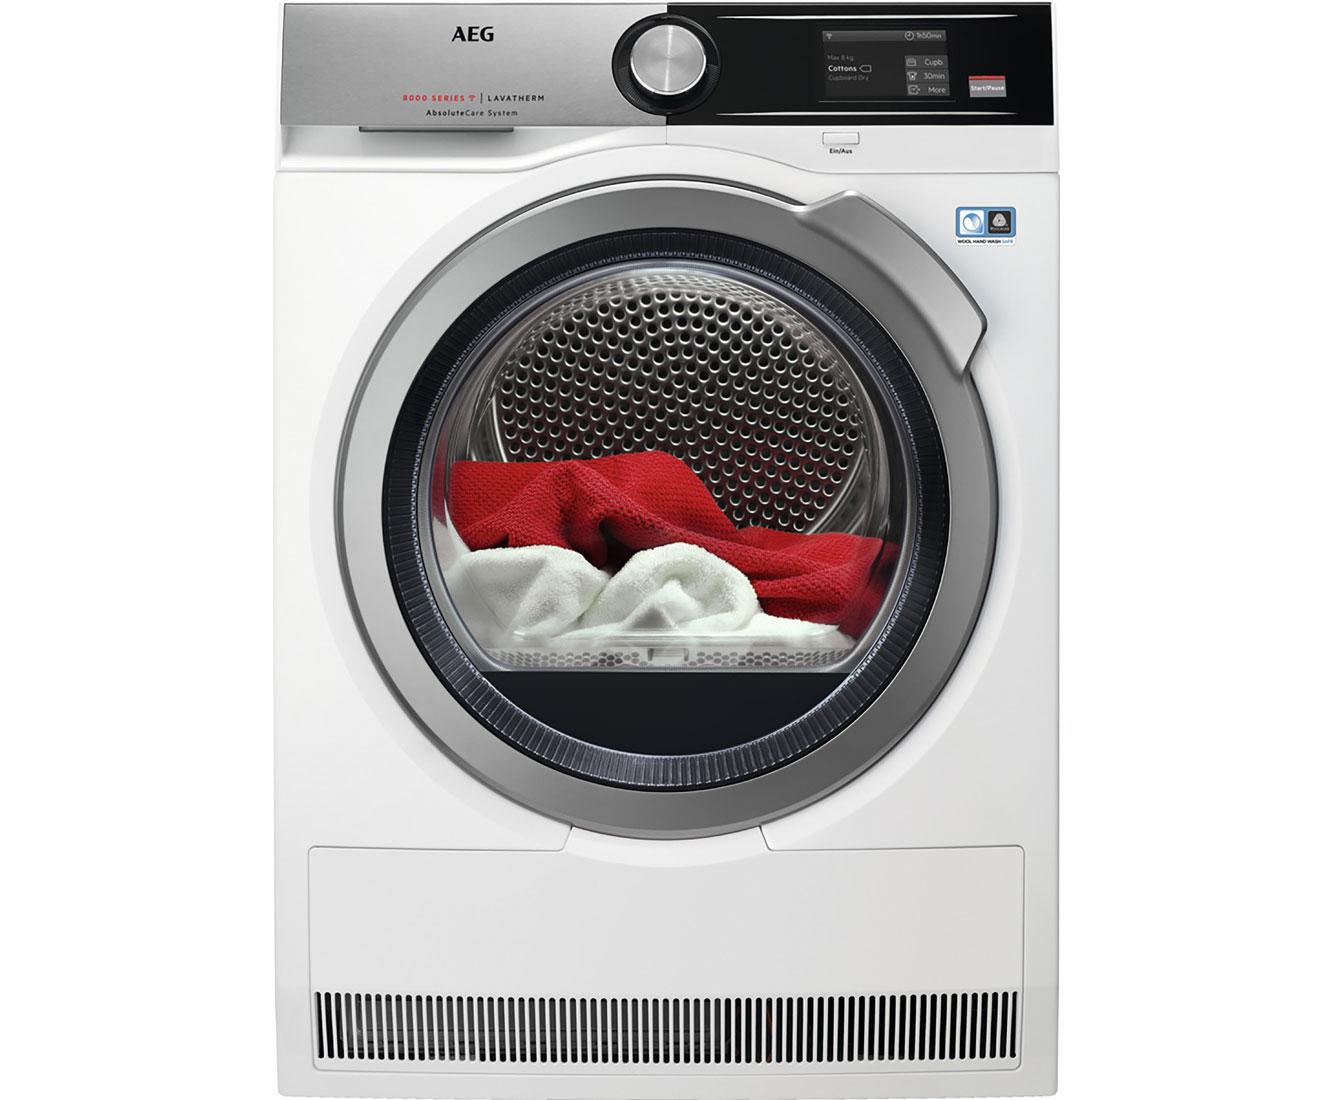 AEG T8DE96685 Wärmepumpentrockner - Weiß | Bad > Waschmaschinen und Trockner > Wärmepumpentrockner | Weiß | AEG